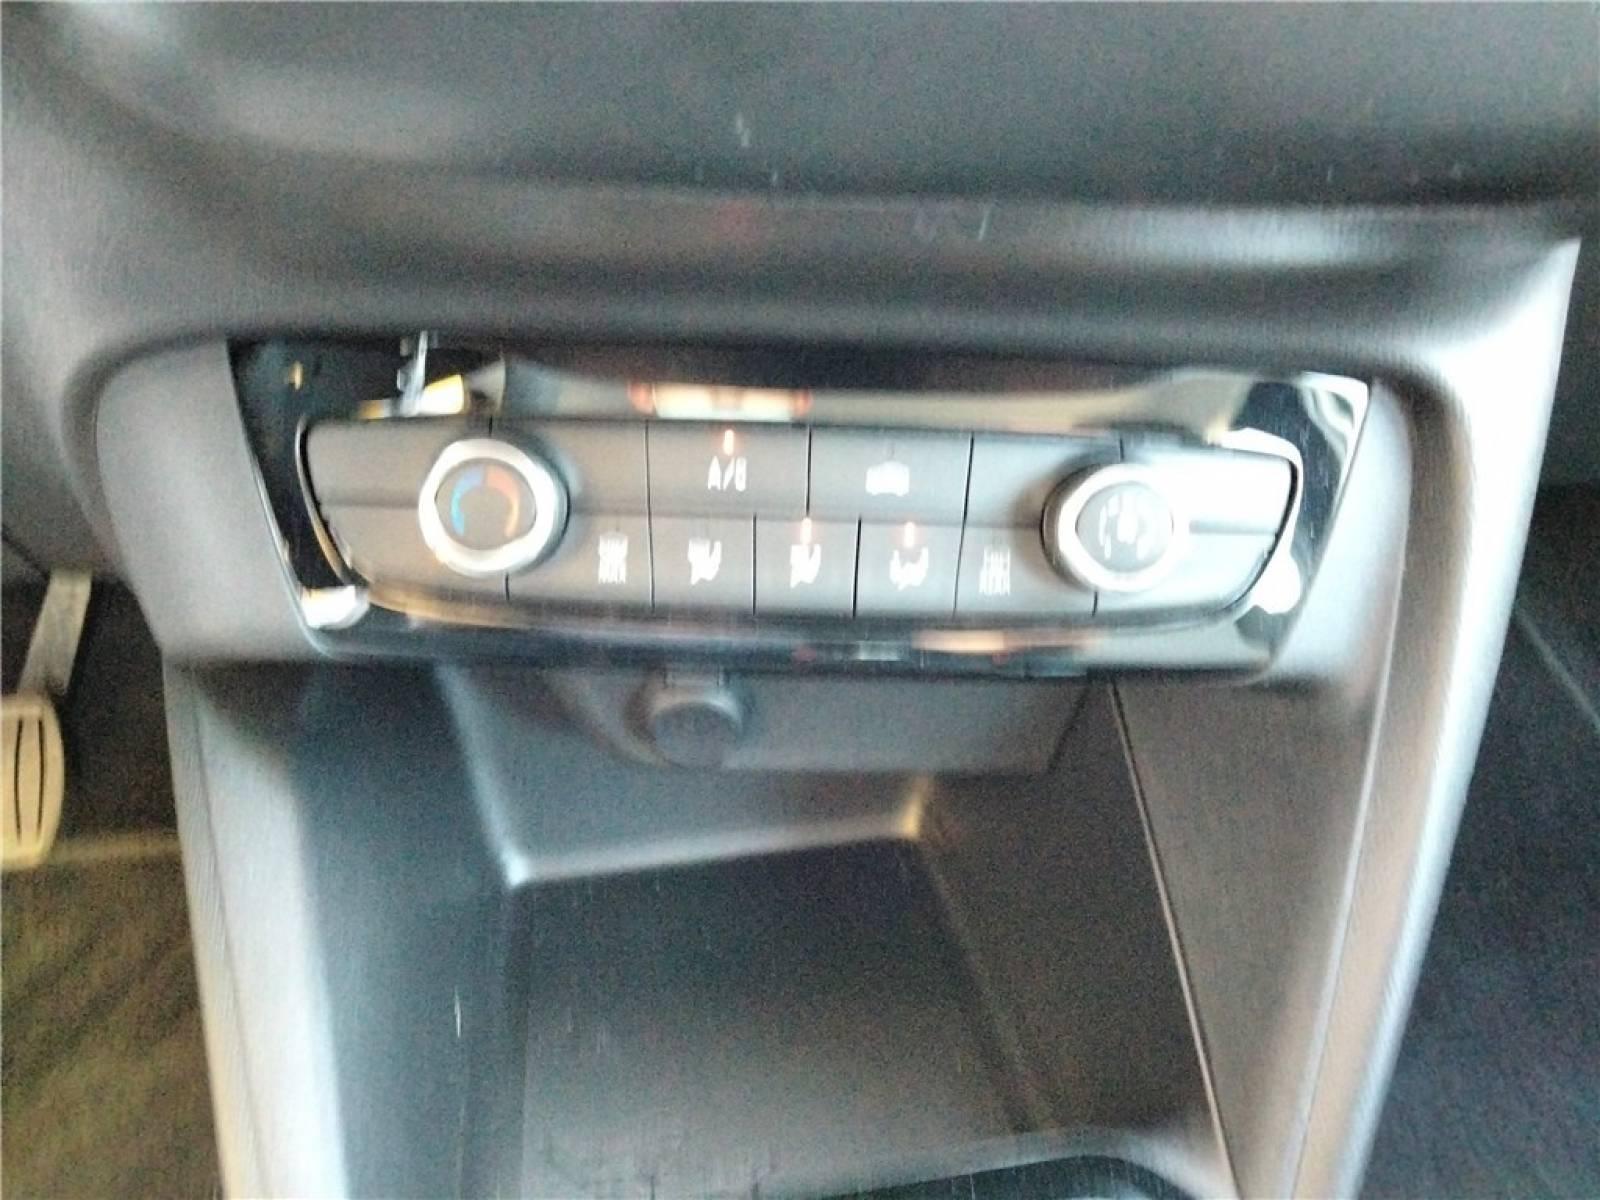 OPEL Corsa 1.2 75 ch BVM5 - véhicule d'occasion - Groupe Guillet - Opel Magicauto - Chalon-sur-Saône - 71380 - Saint-Marcel - 29